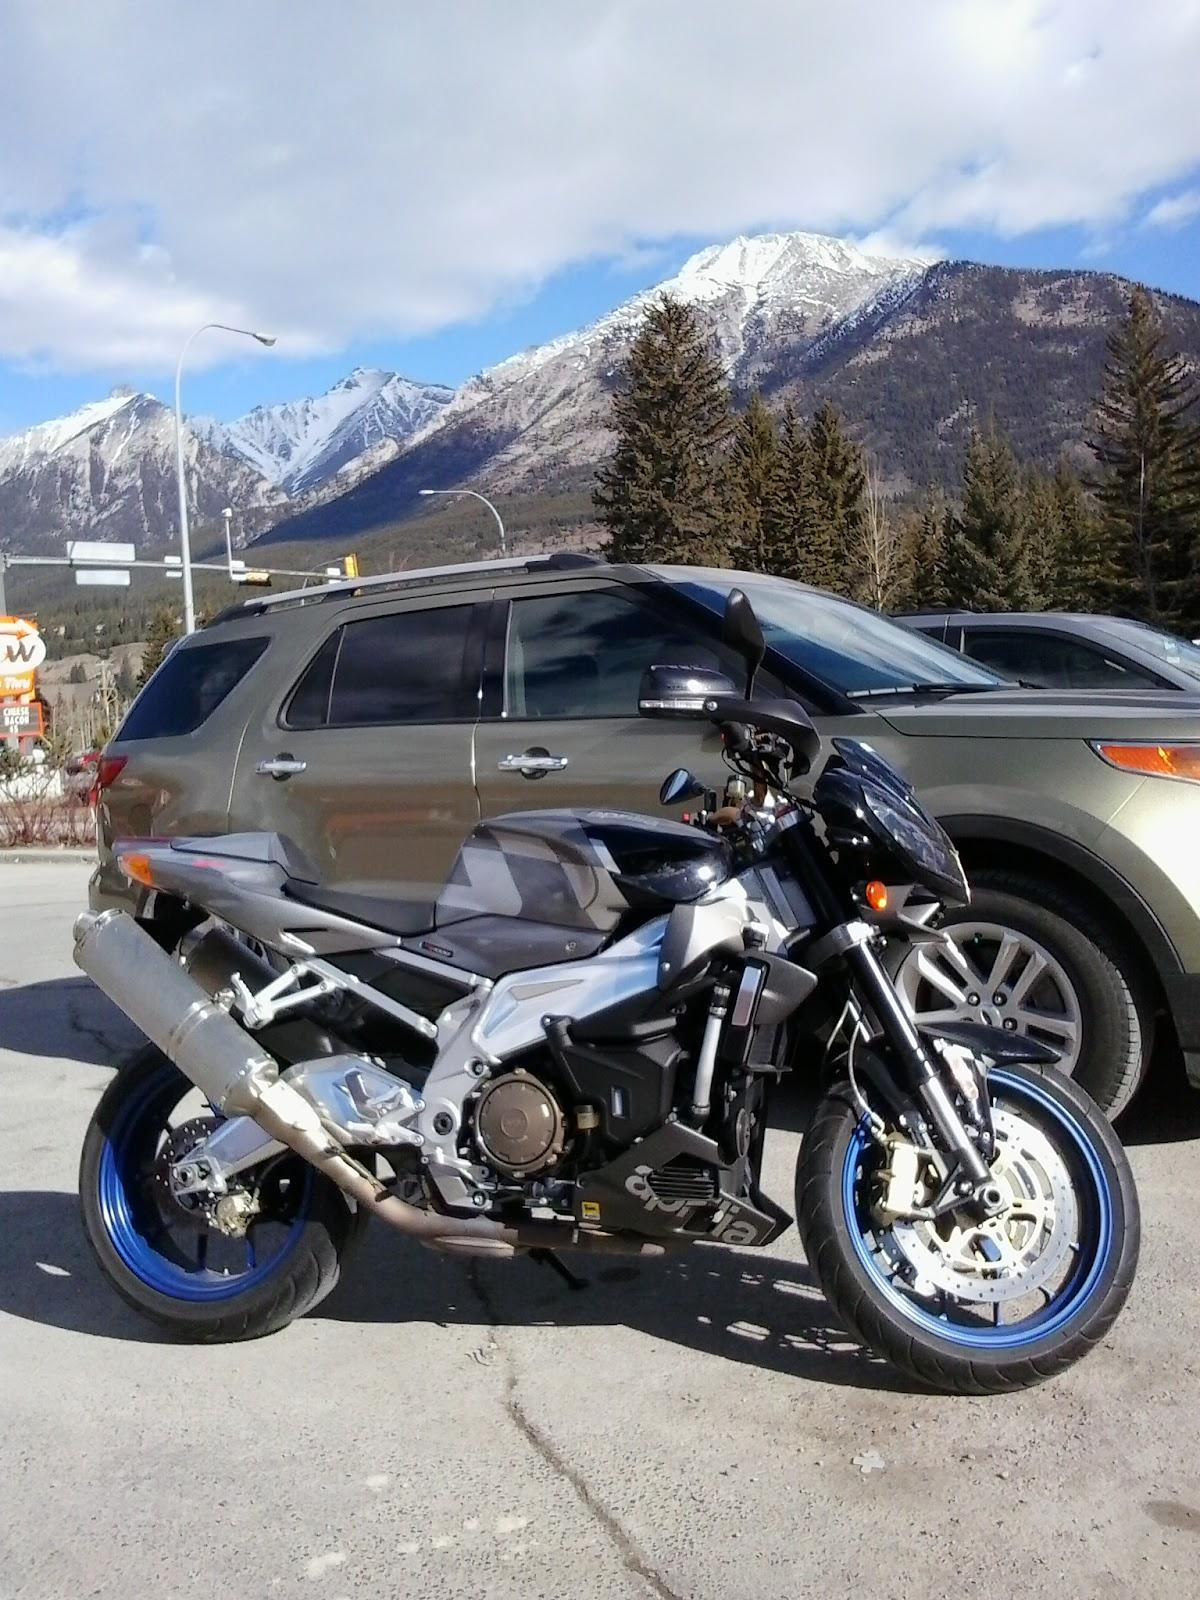 Aprilia Tuono 1000R Rocky Mountains